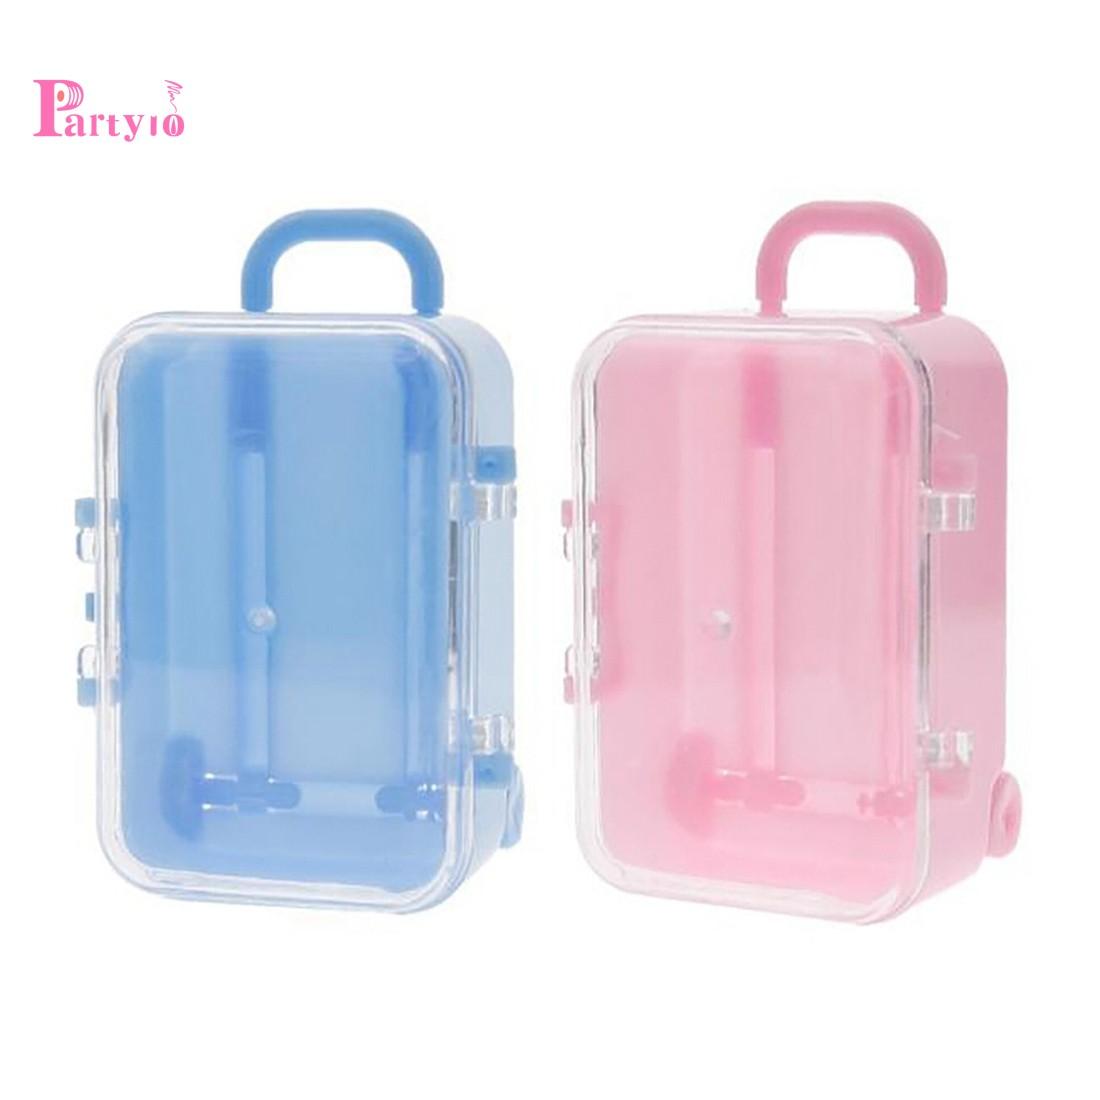 กระเป๋าเดินทางล้อลากขนาดเล็กสีฟ้าและชมพู 2 ชิ้น